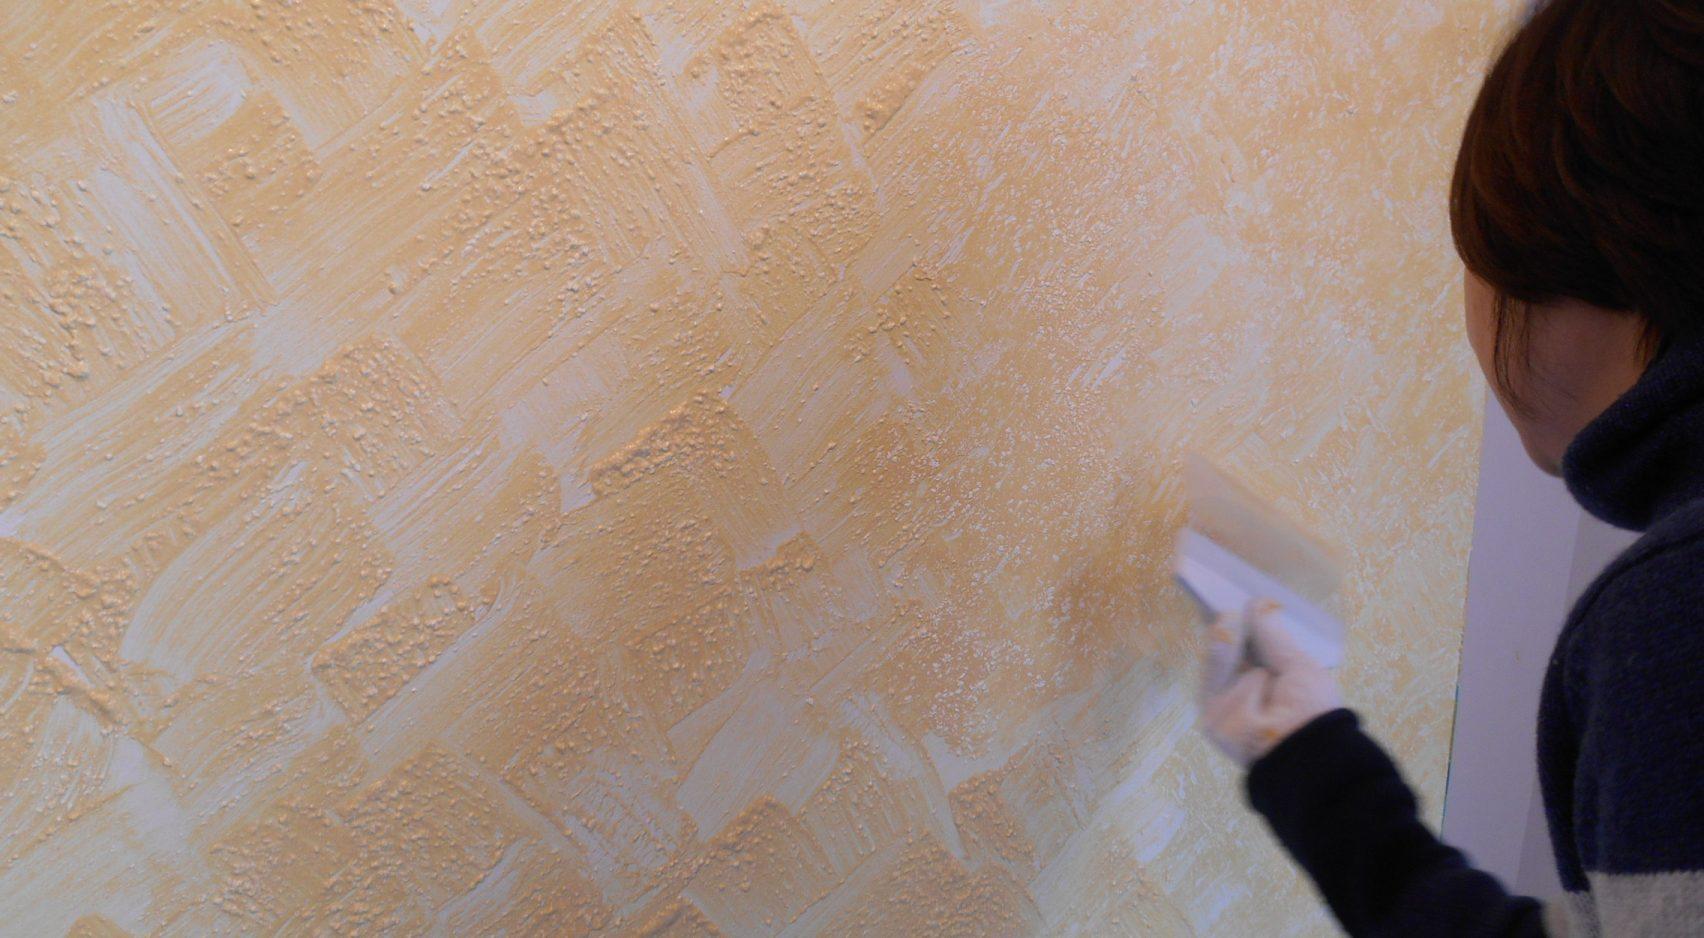 写真: 展示商品の暖かさ・爽やかさを引き立てるデザイン例【埼玉県川越市 ブティック「ローザ・ロッサ」】